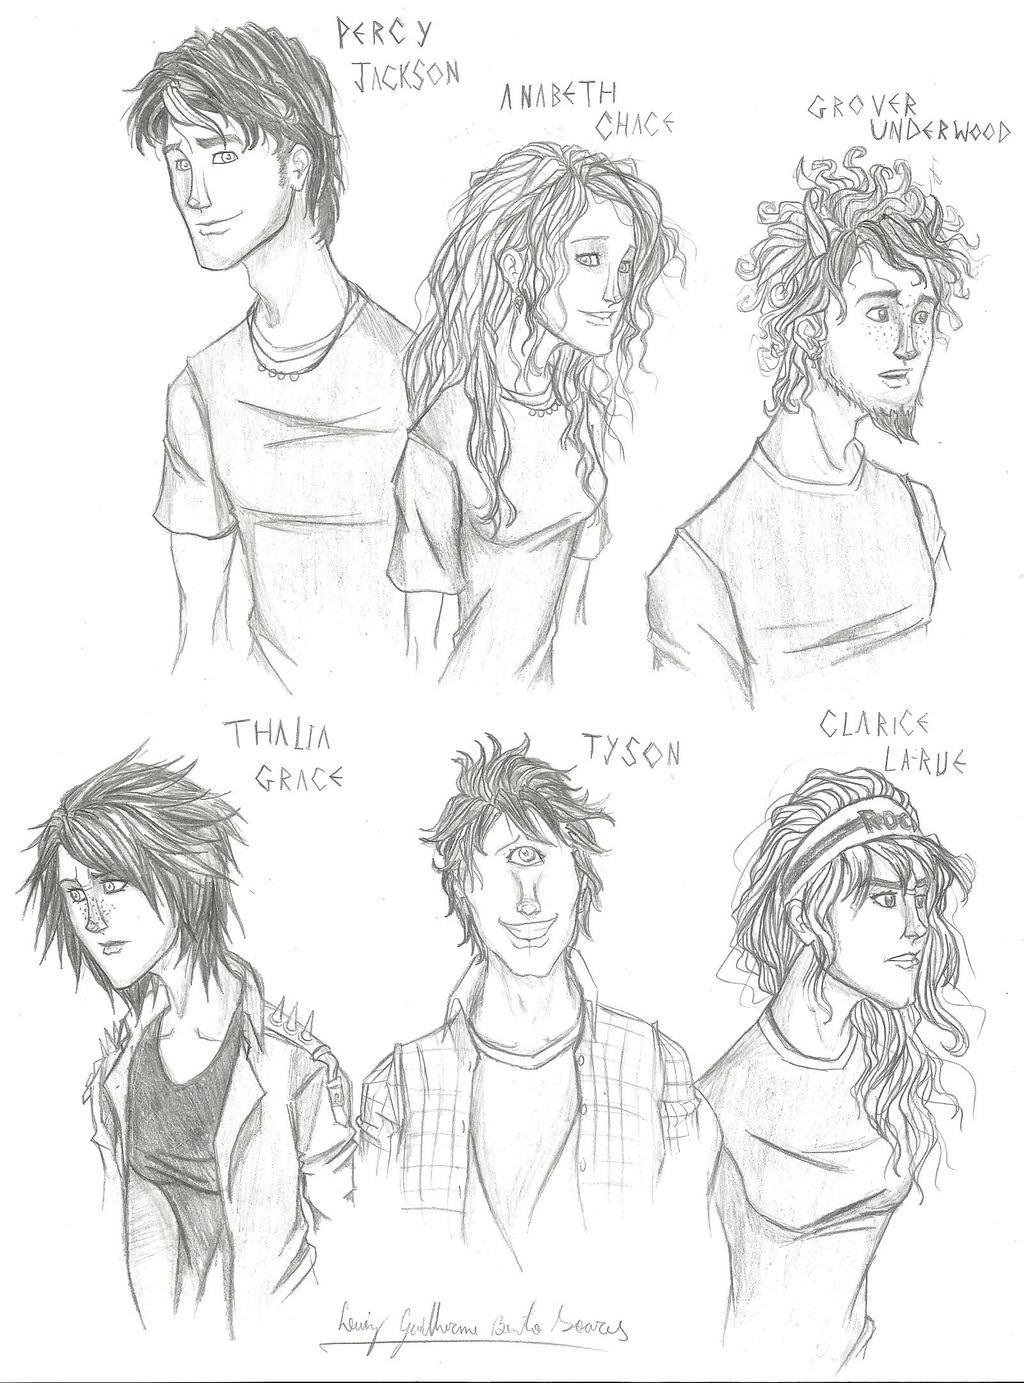 Percy, Annabeth, Grover, Thalia, Tyson, Clarisse by ...